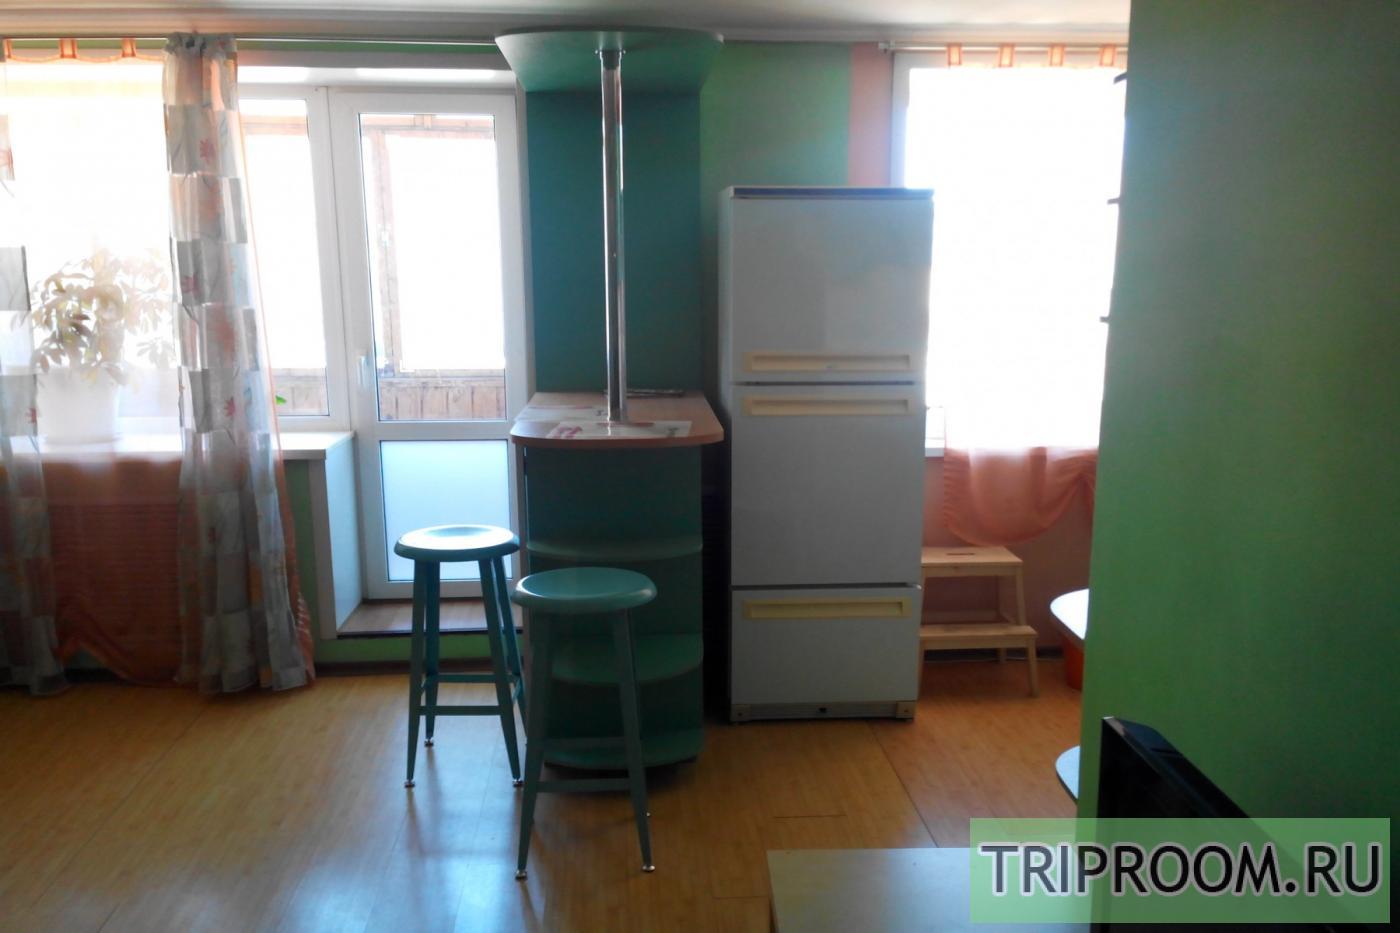 1-комнатная квартира посуточно (вариант № 8940), ул. Советская улица, фото № 17